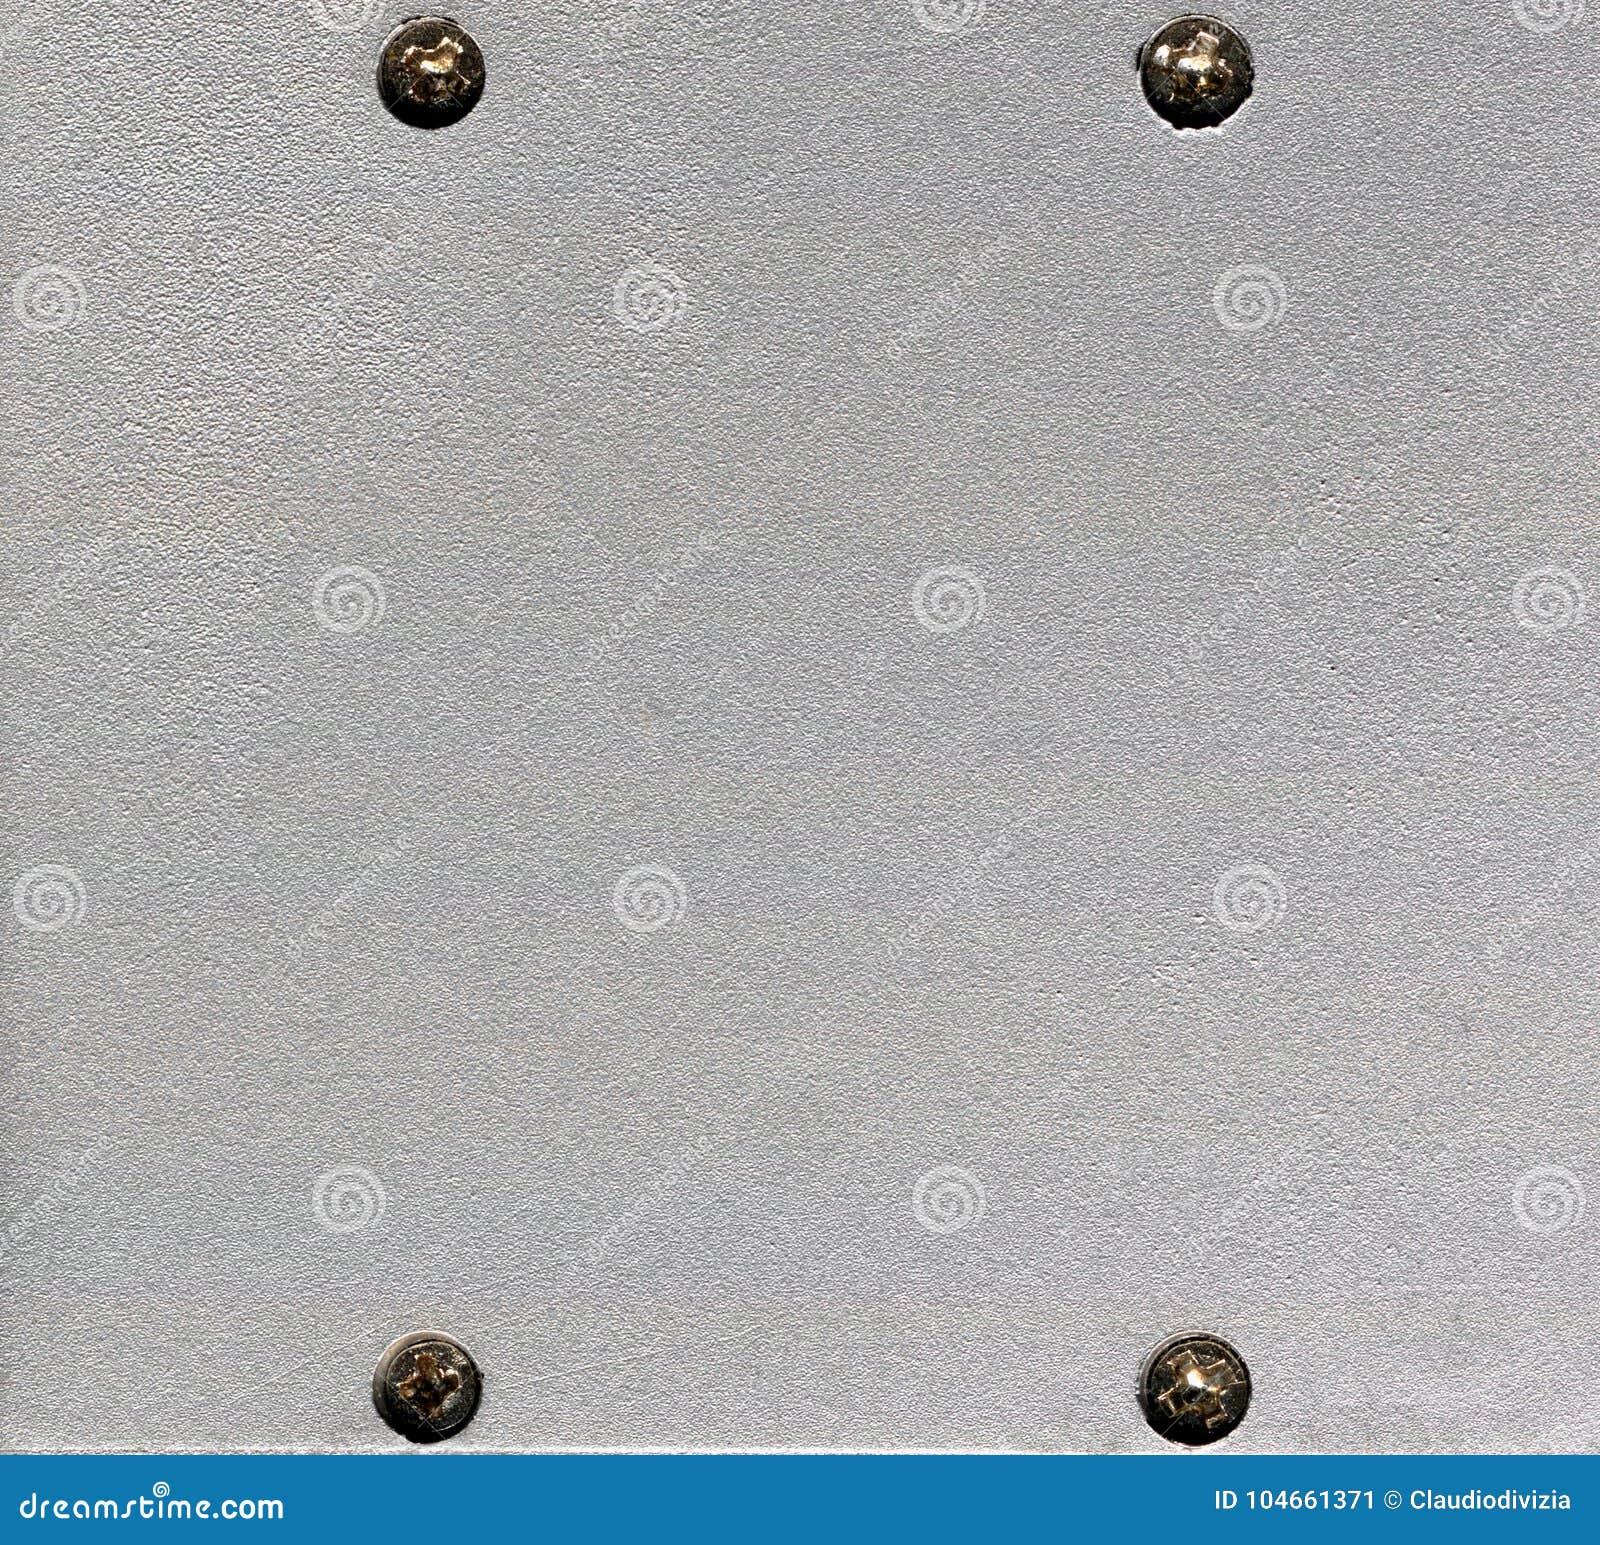 metal panel texture. Grey Metal Panel Texture Background